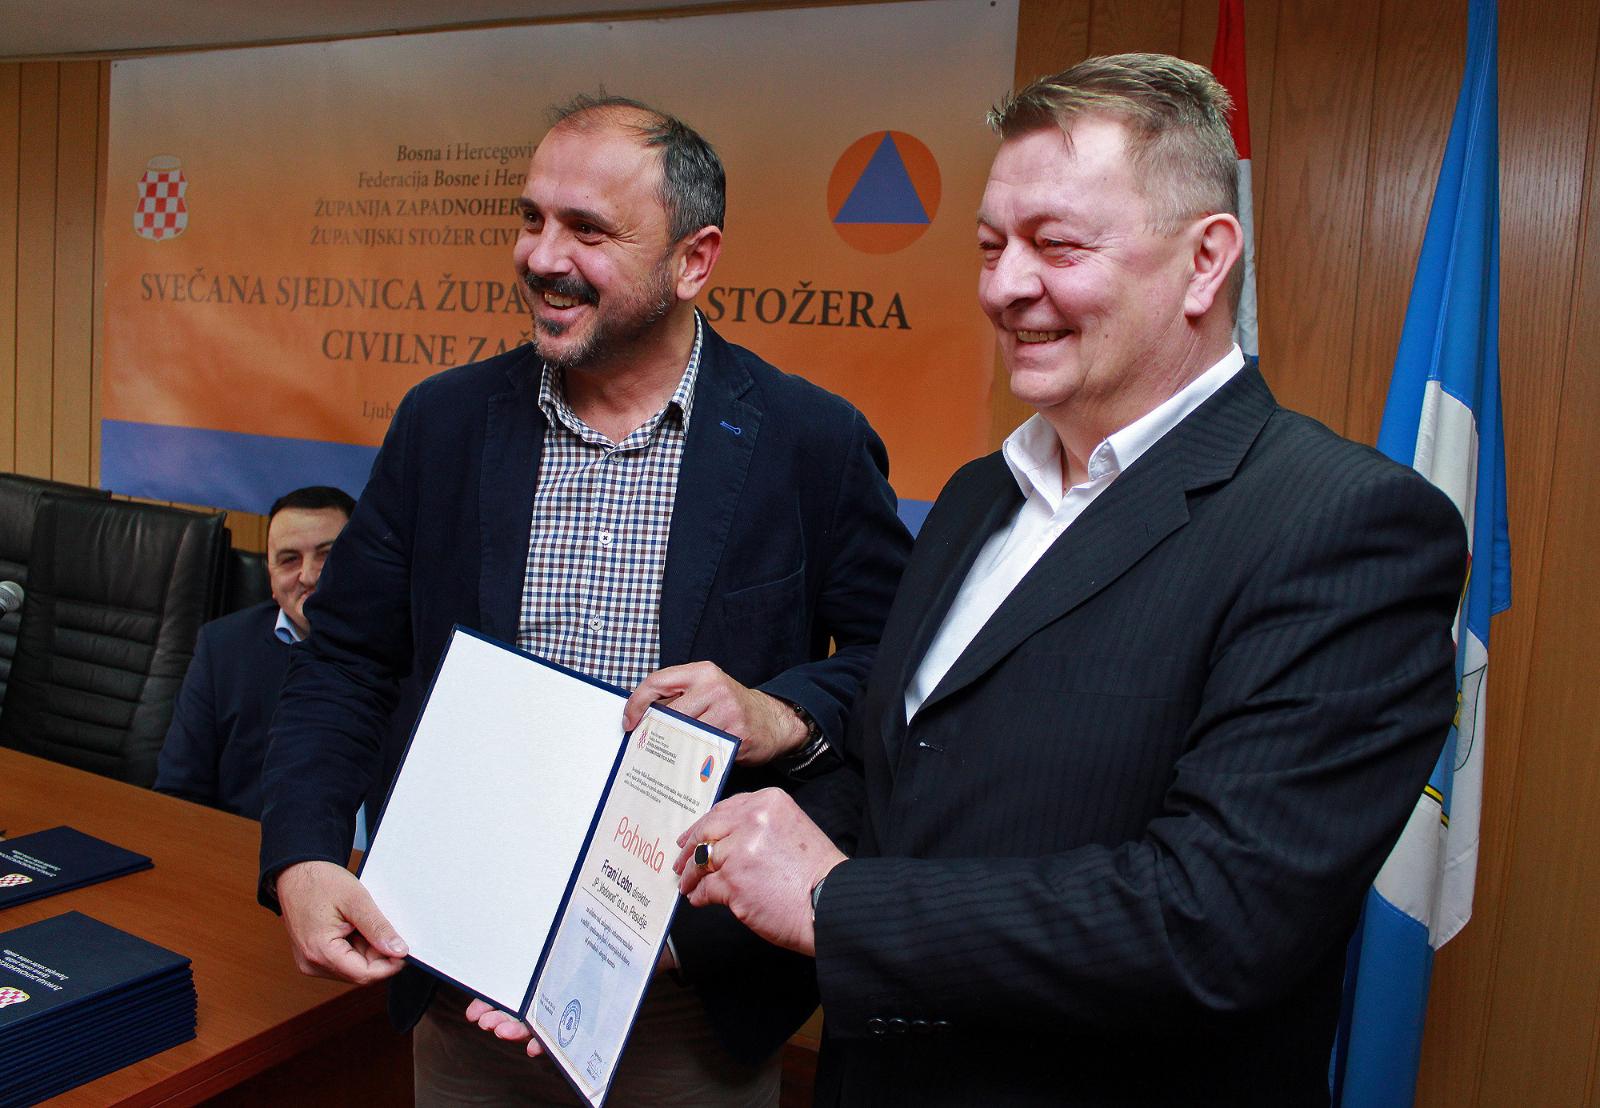 Priznanje posuškom Vodovodu za doprinos sustavu civilne zaštite